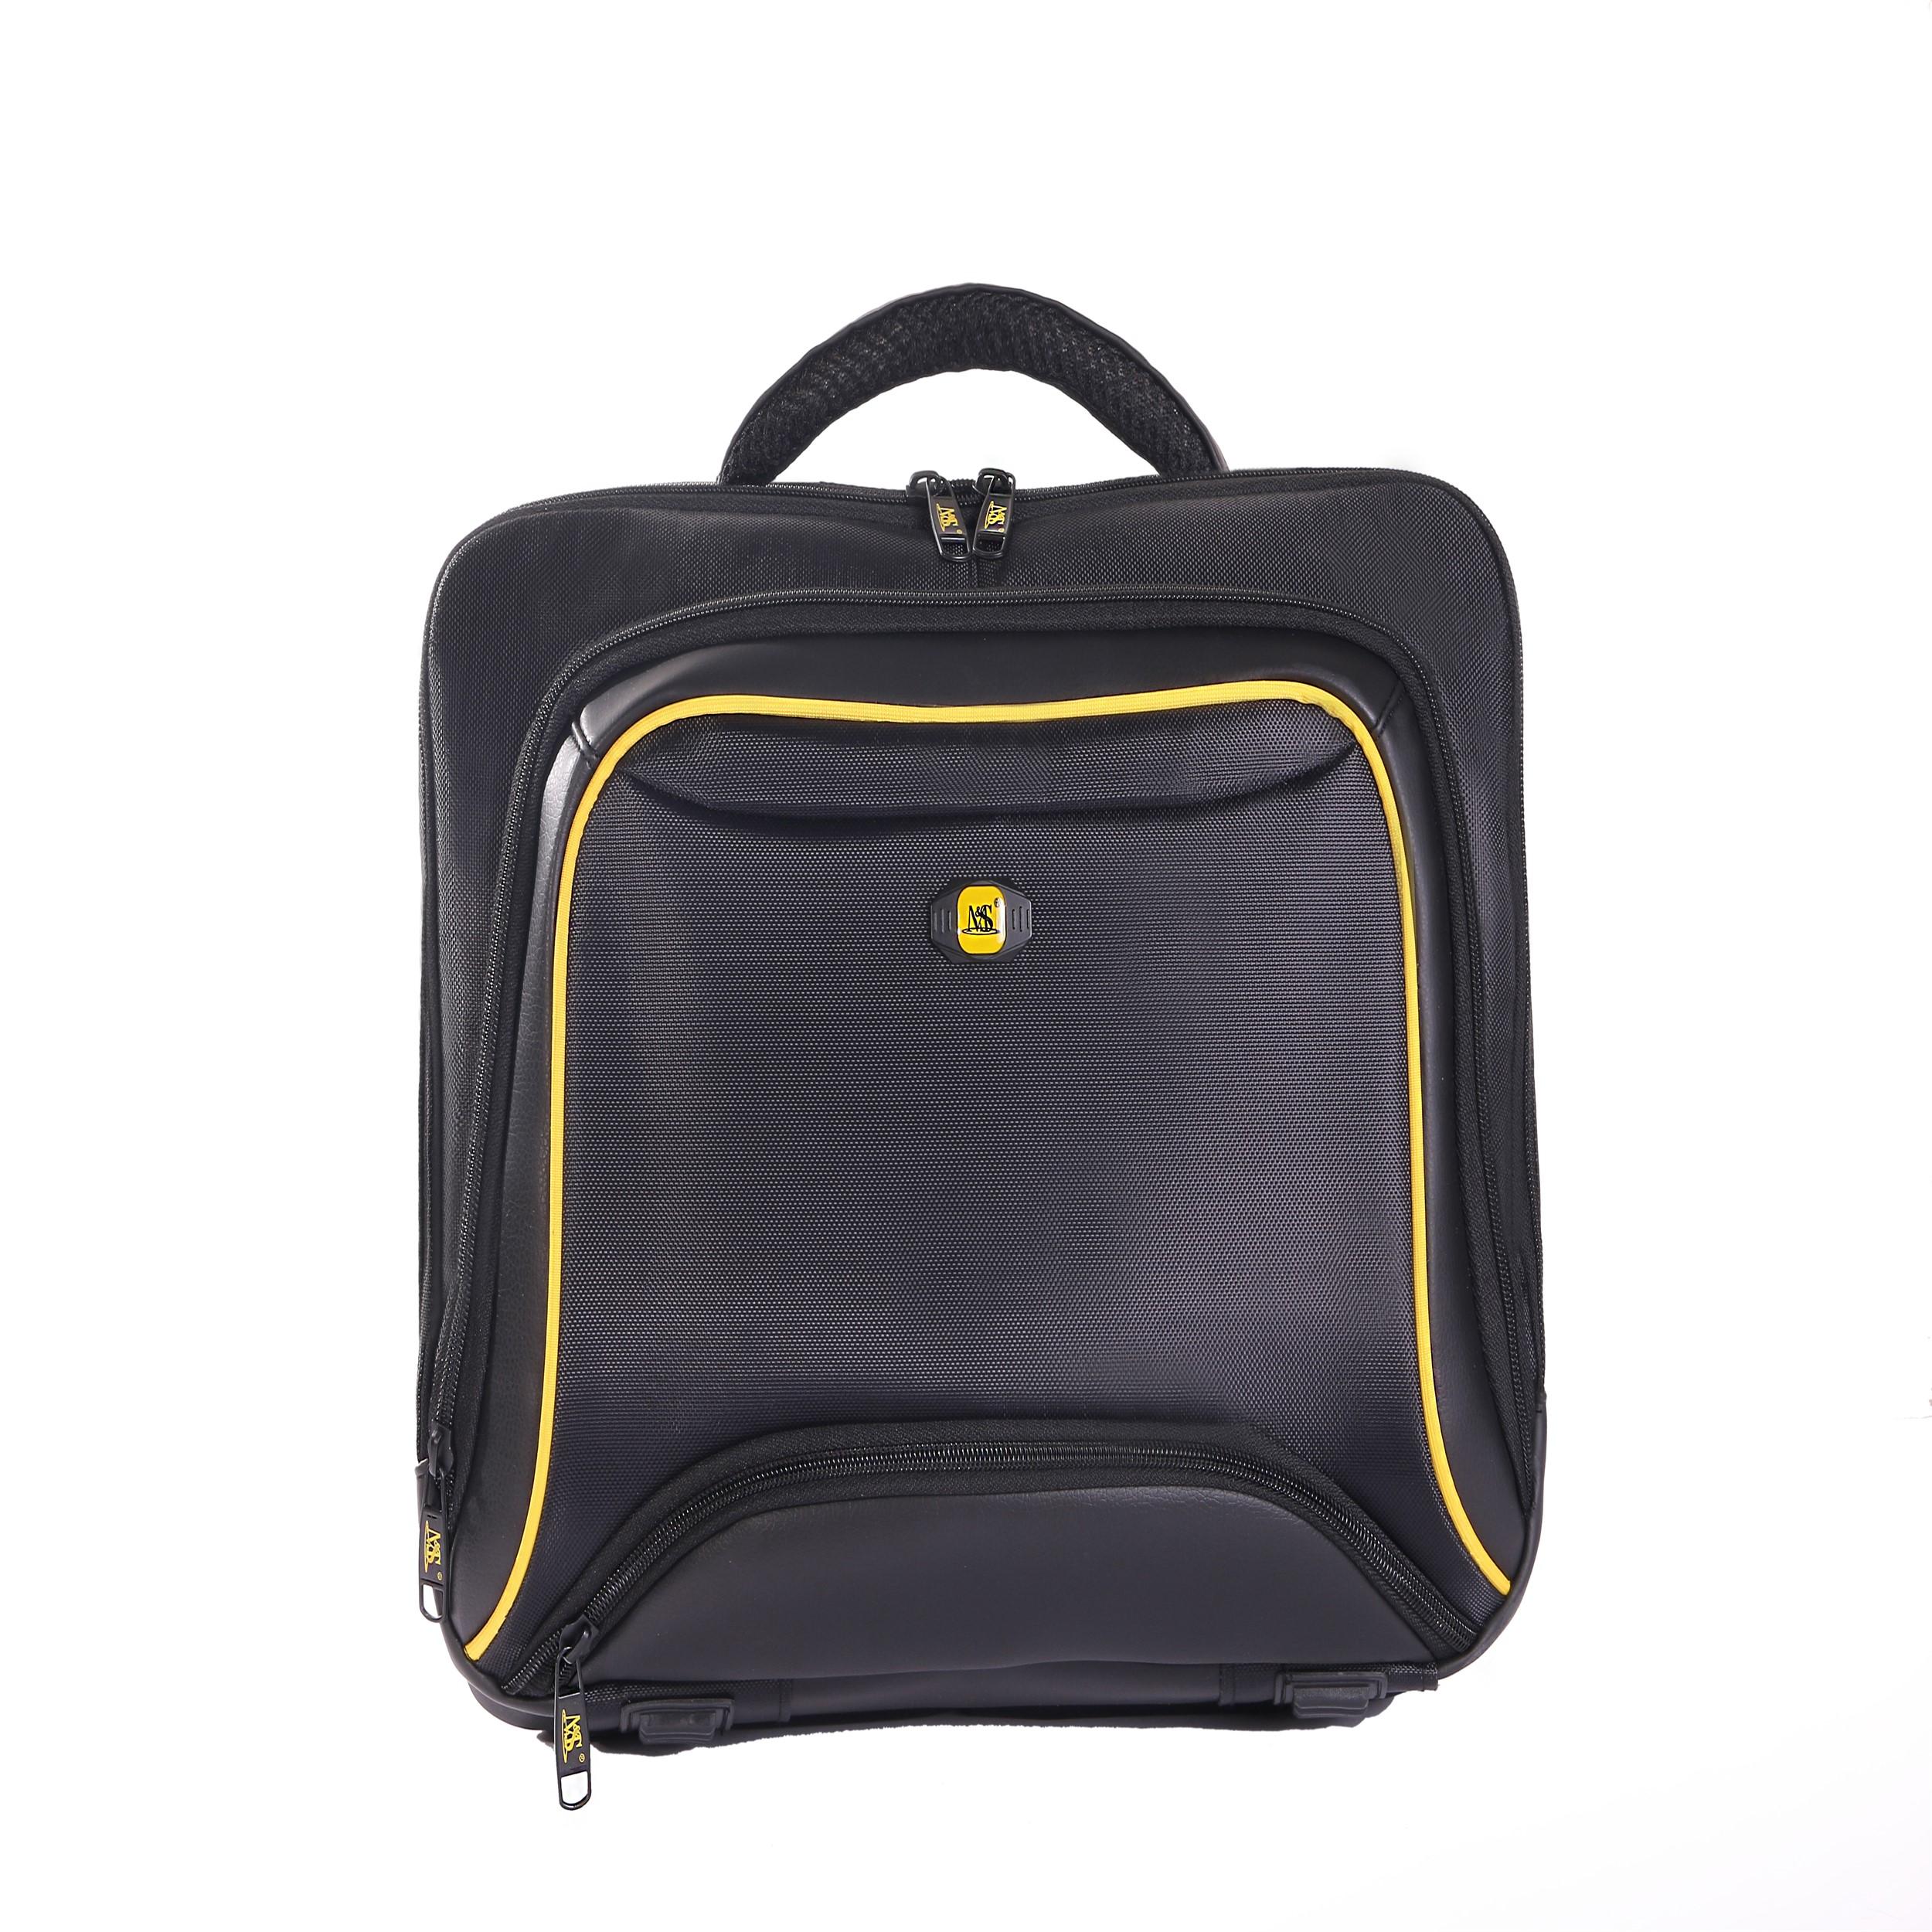 کیف لپ تاپ ام اند اس  مدل br-114 مناسب برای لپ تاپ 15.6 اینچی